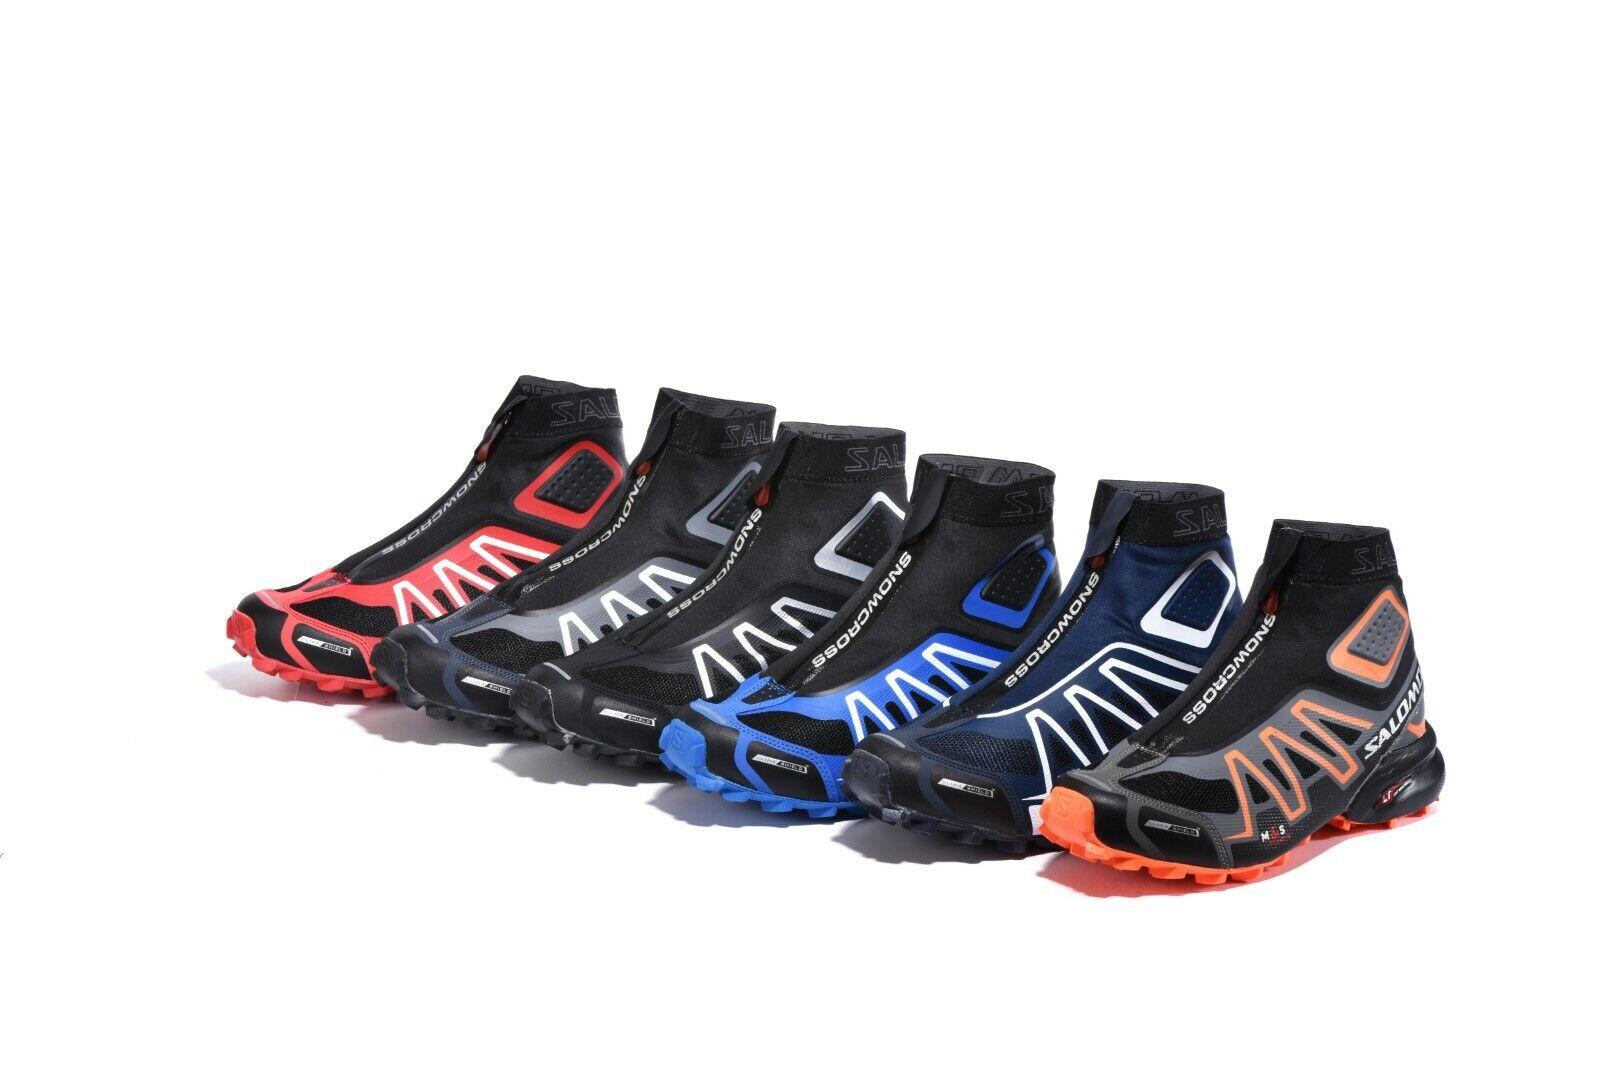 Salomon Snowcross 2 CSWP Size 8 for